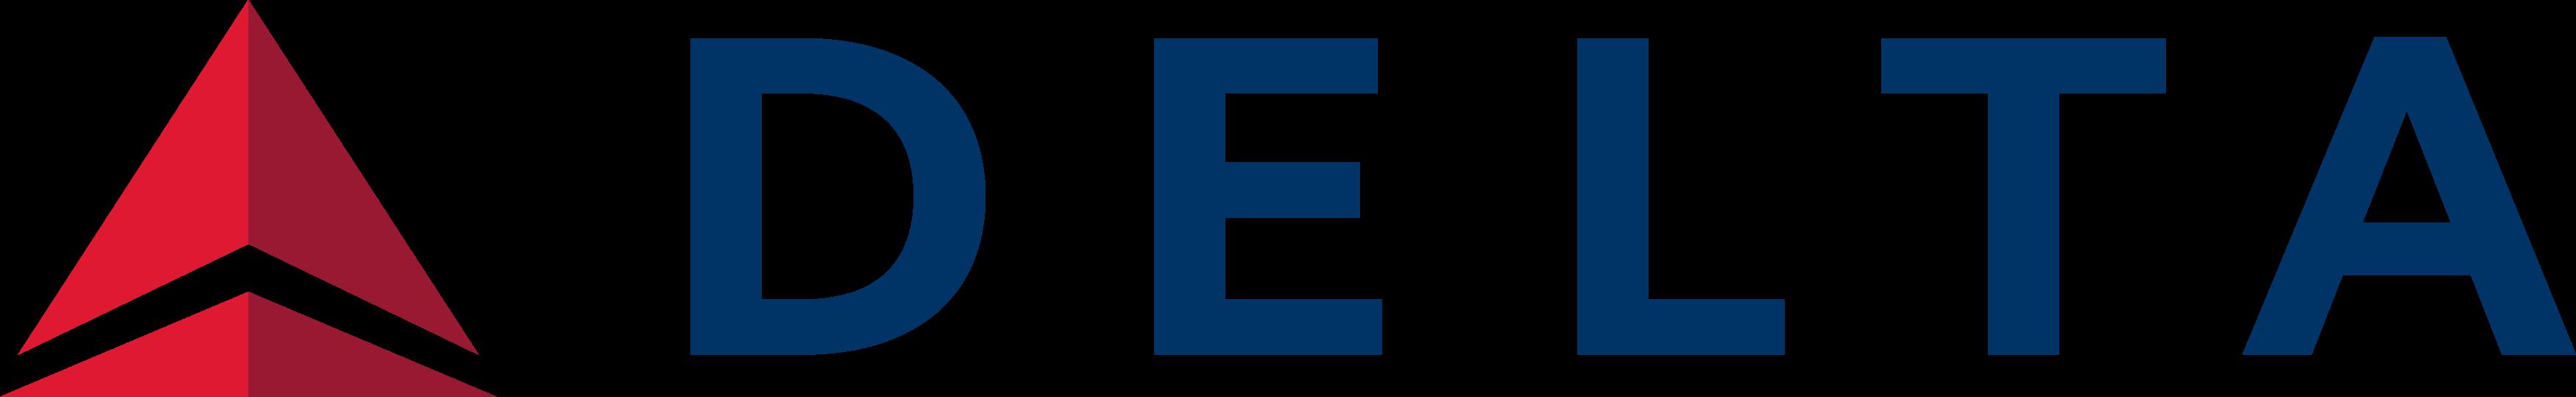 Delta Air Lines Logo.